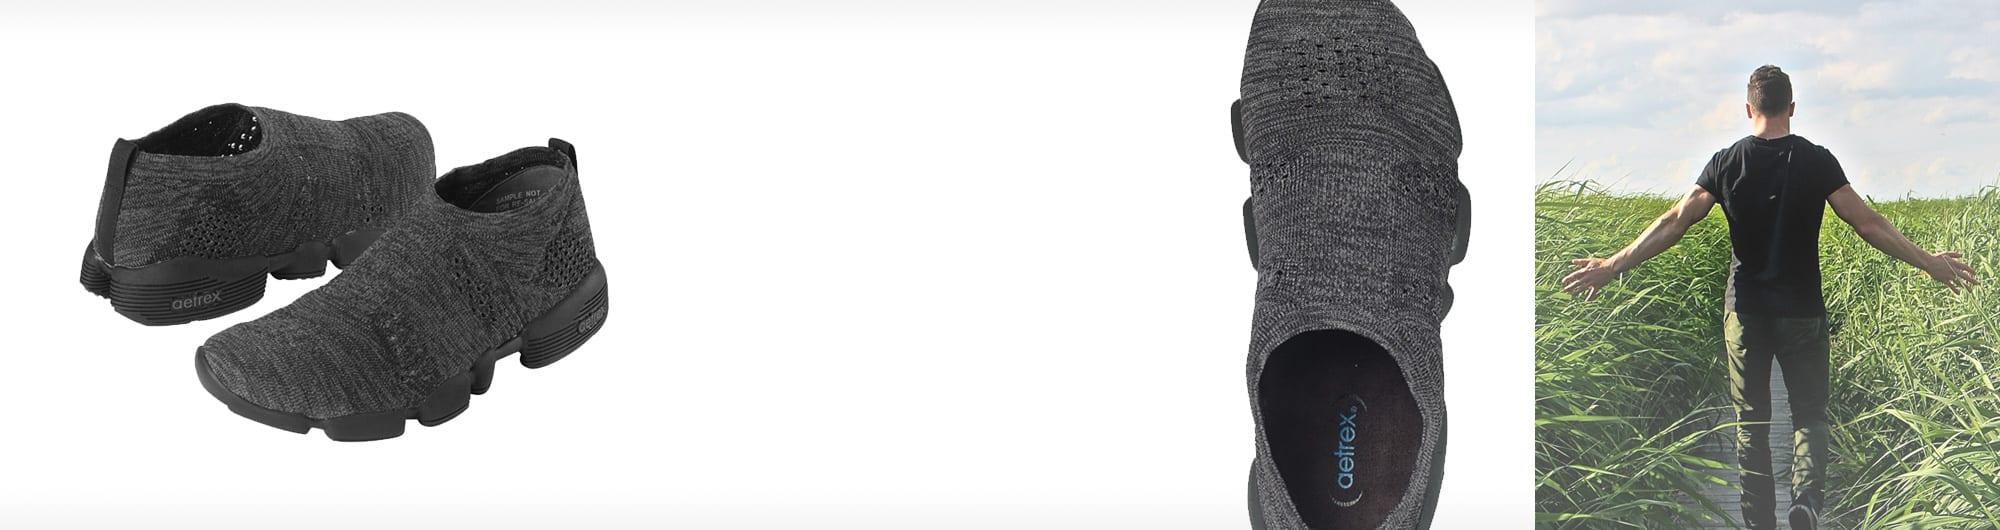 Мъжки обувки за ходене Modpod Aetrex